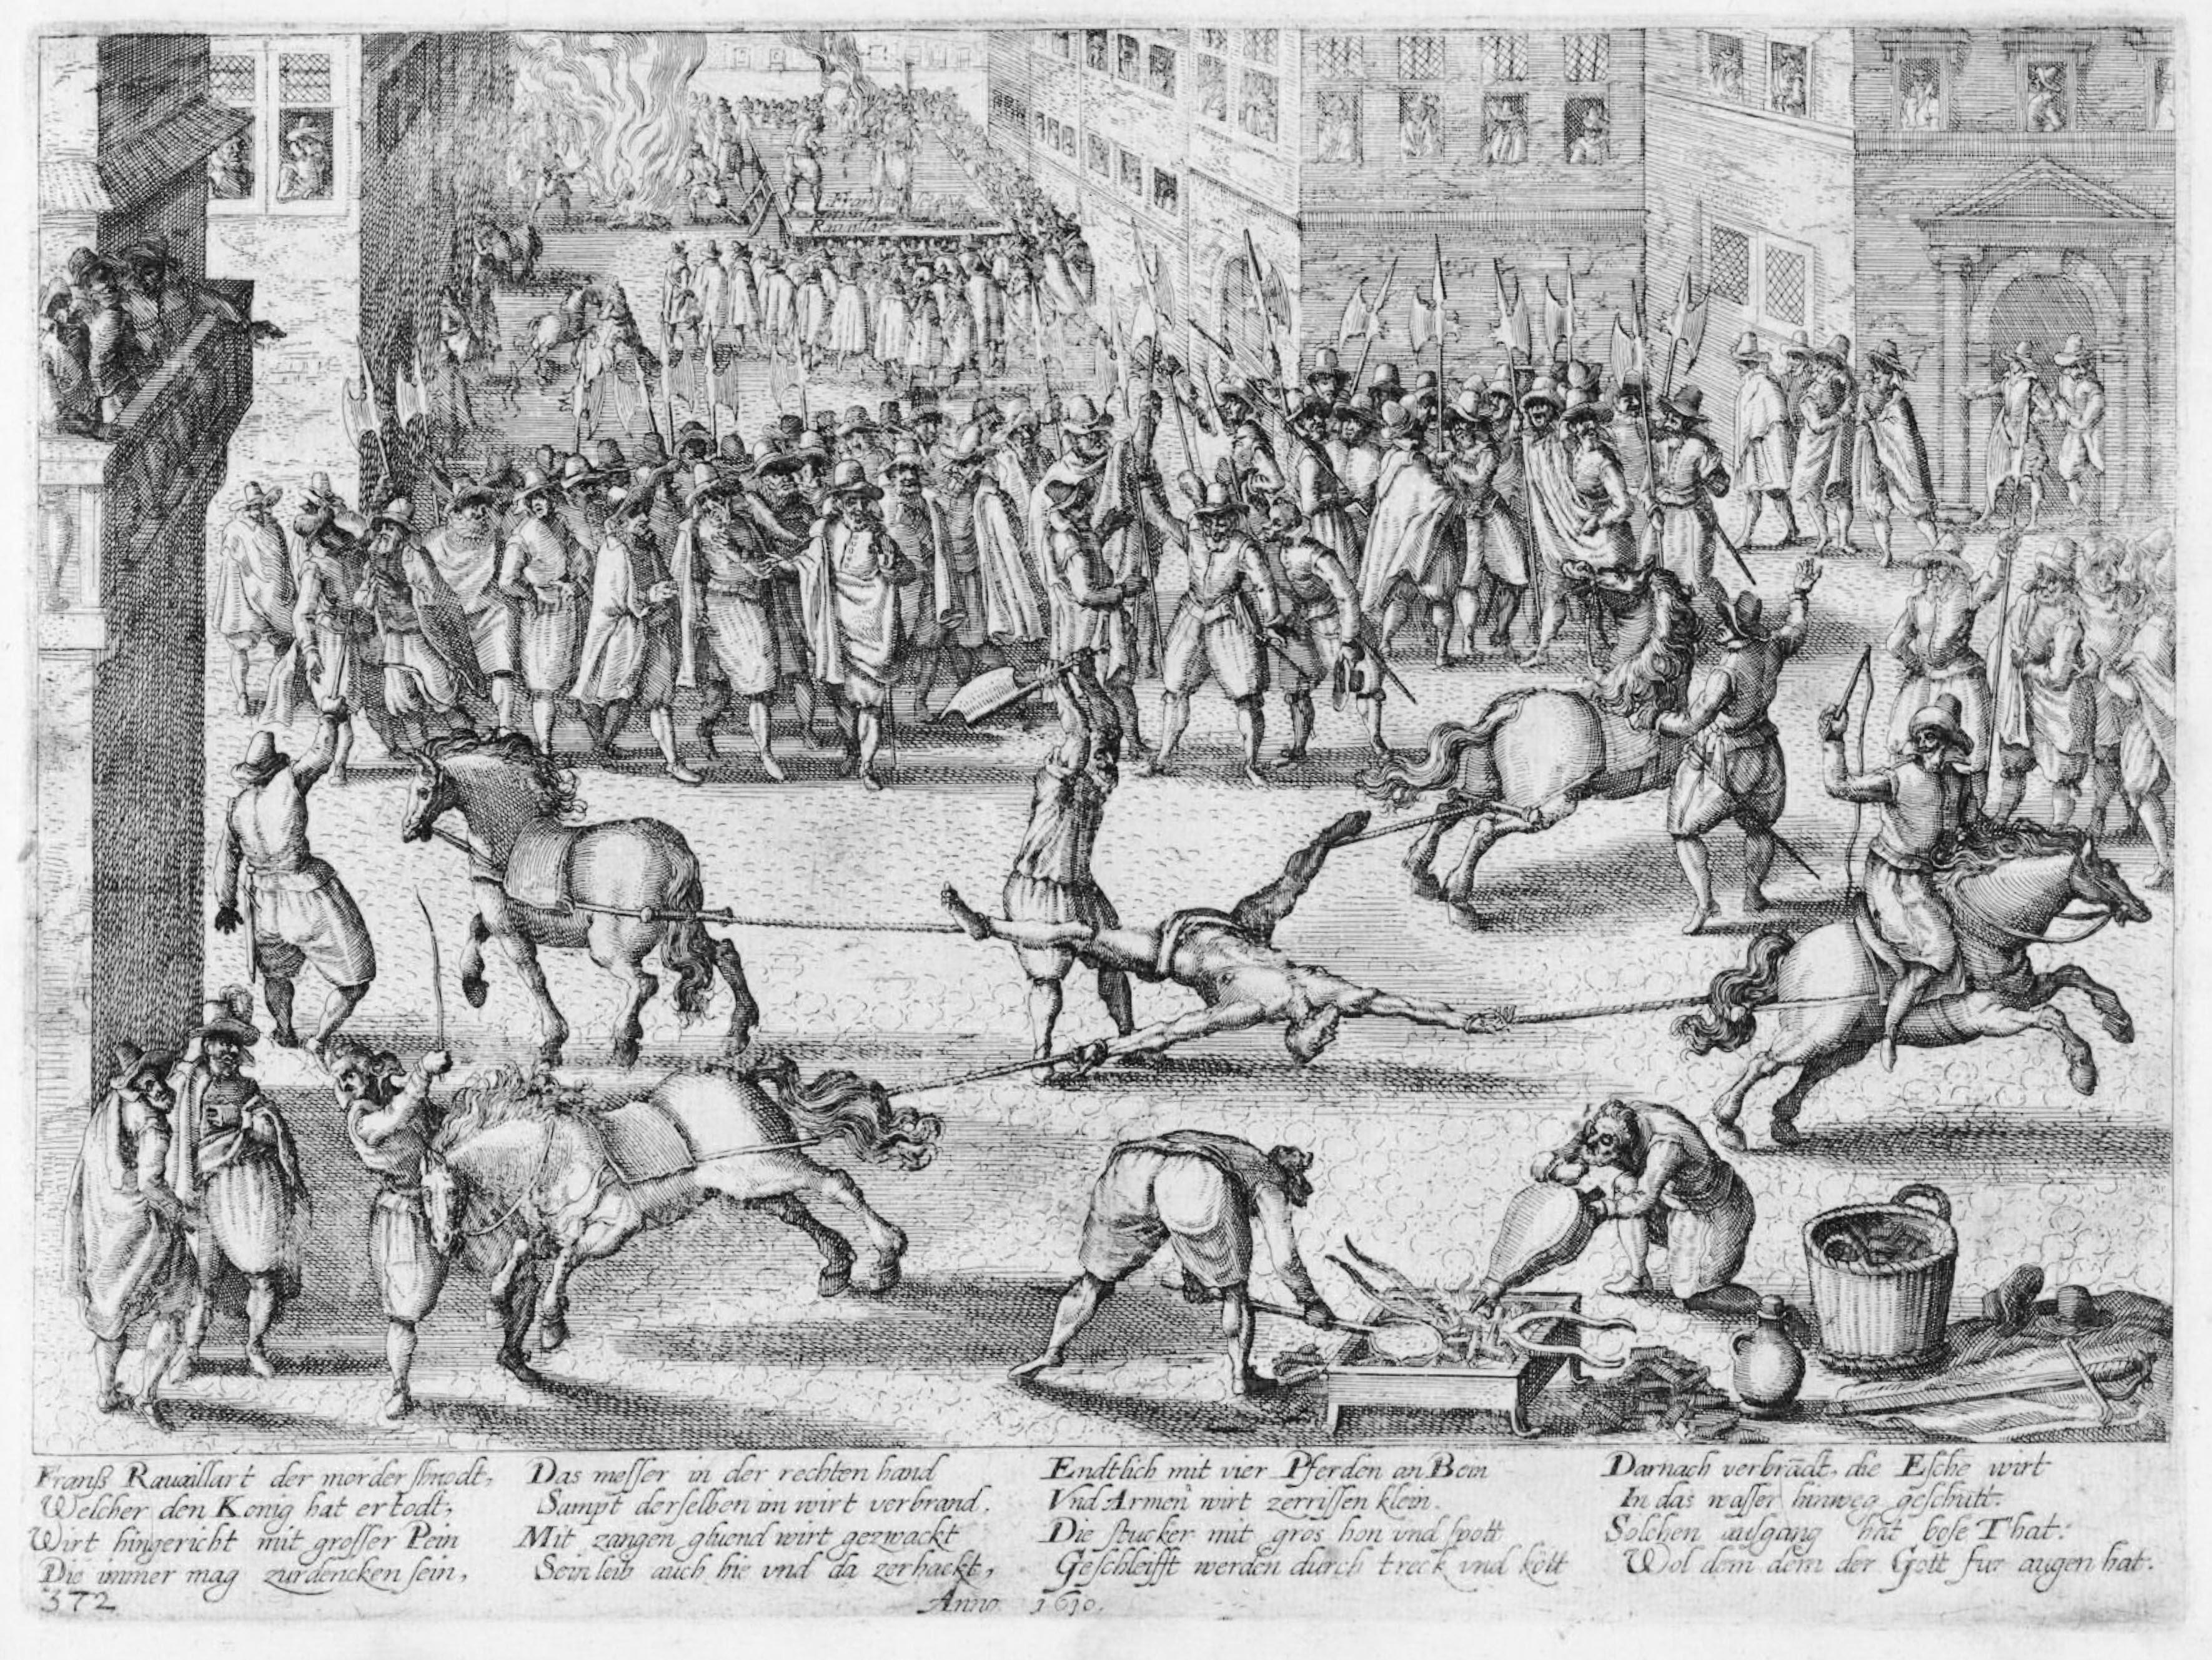 フランス 革命 処刑